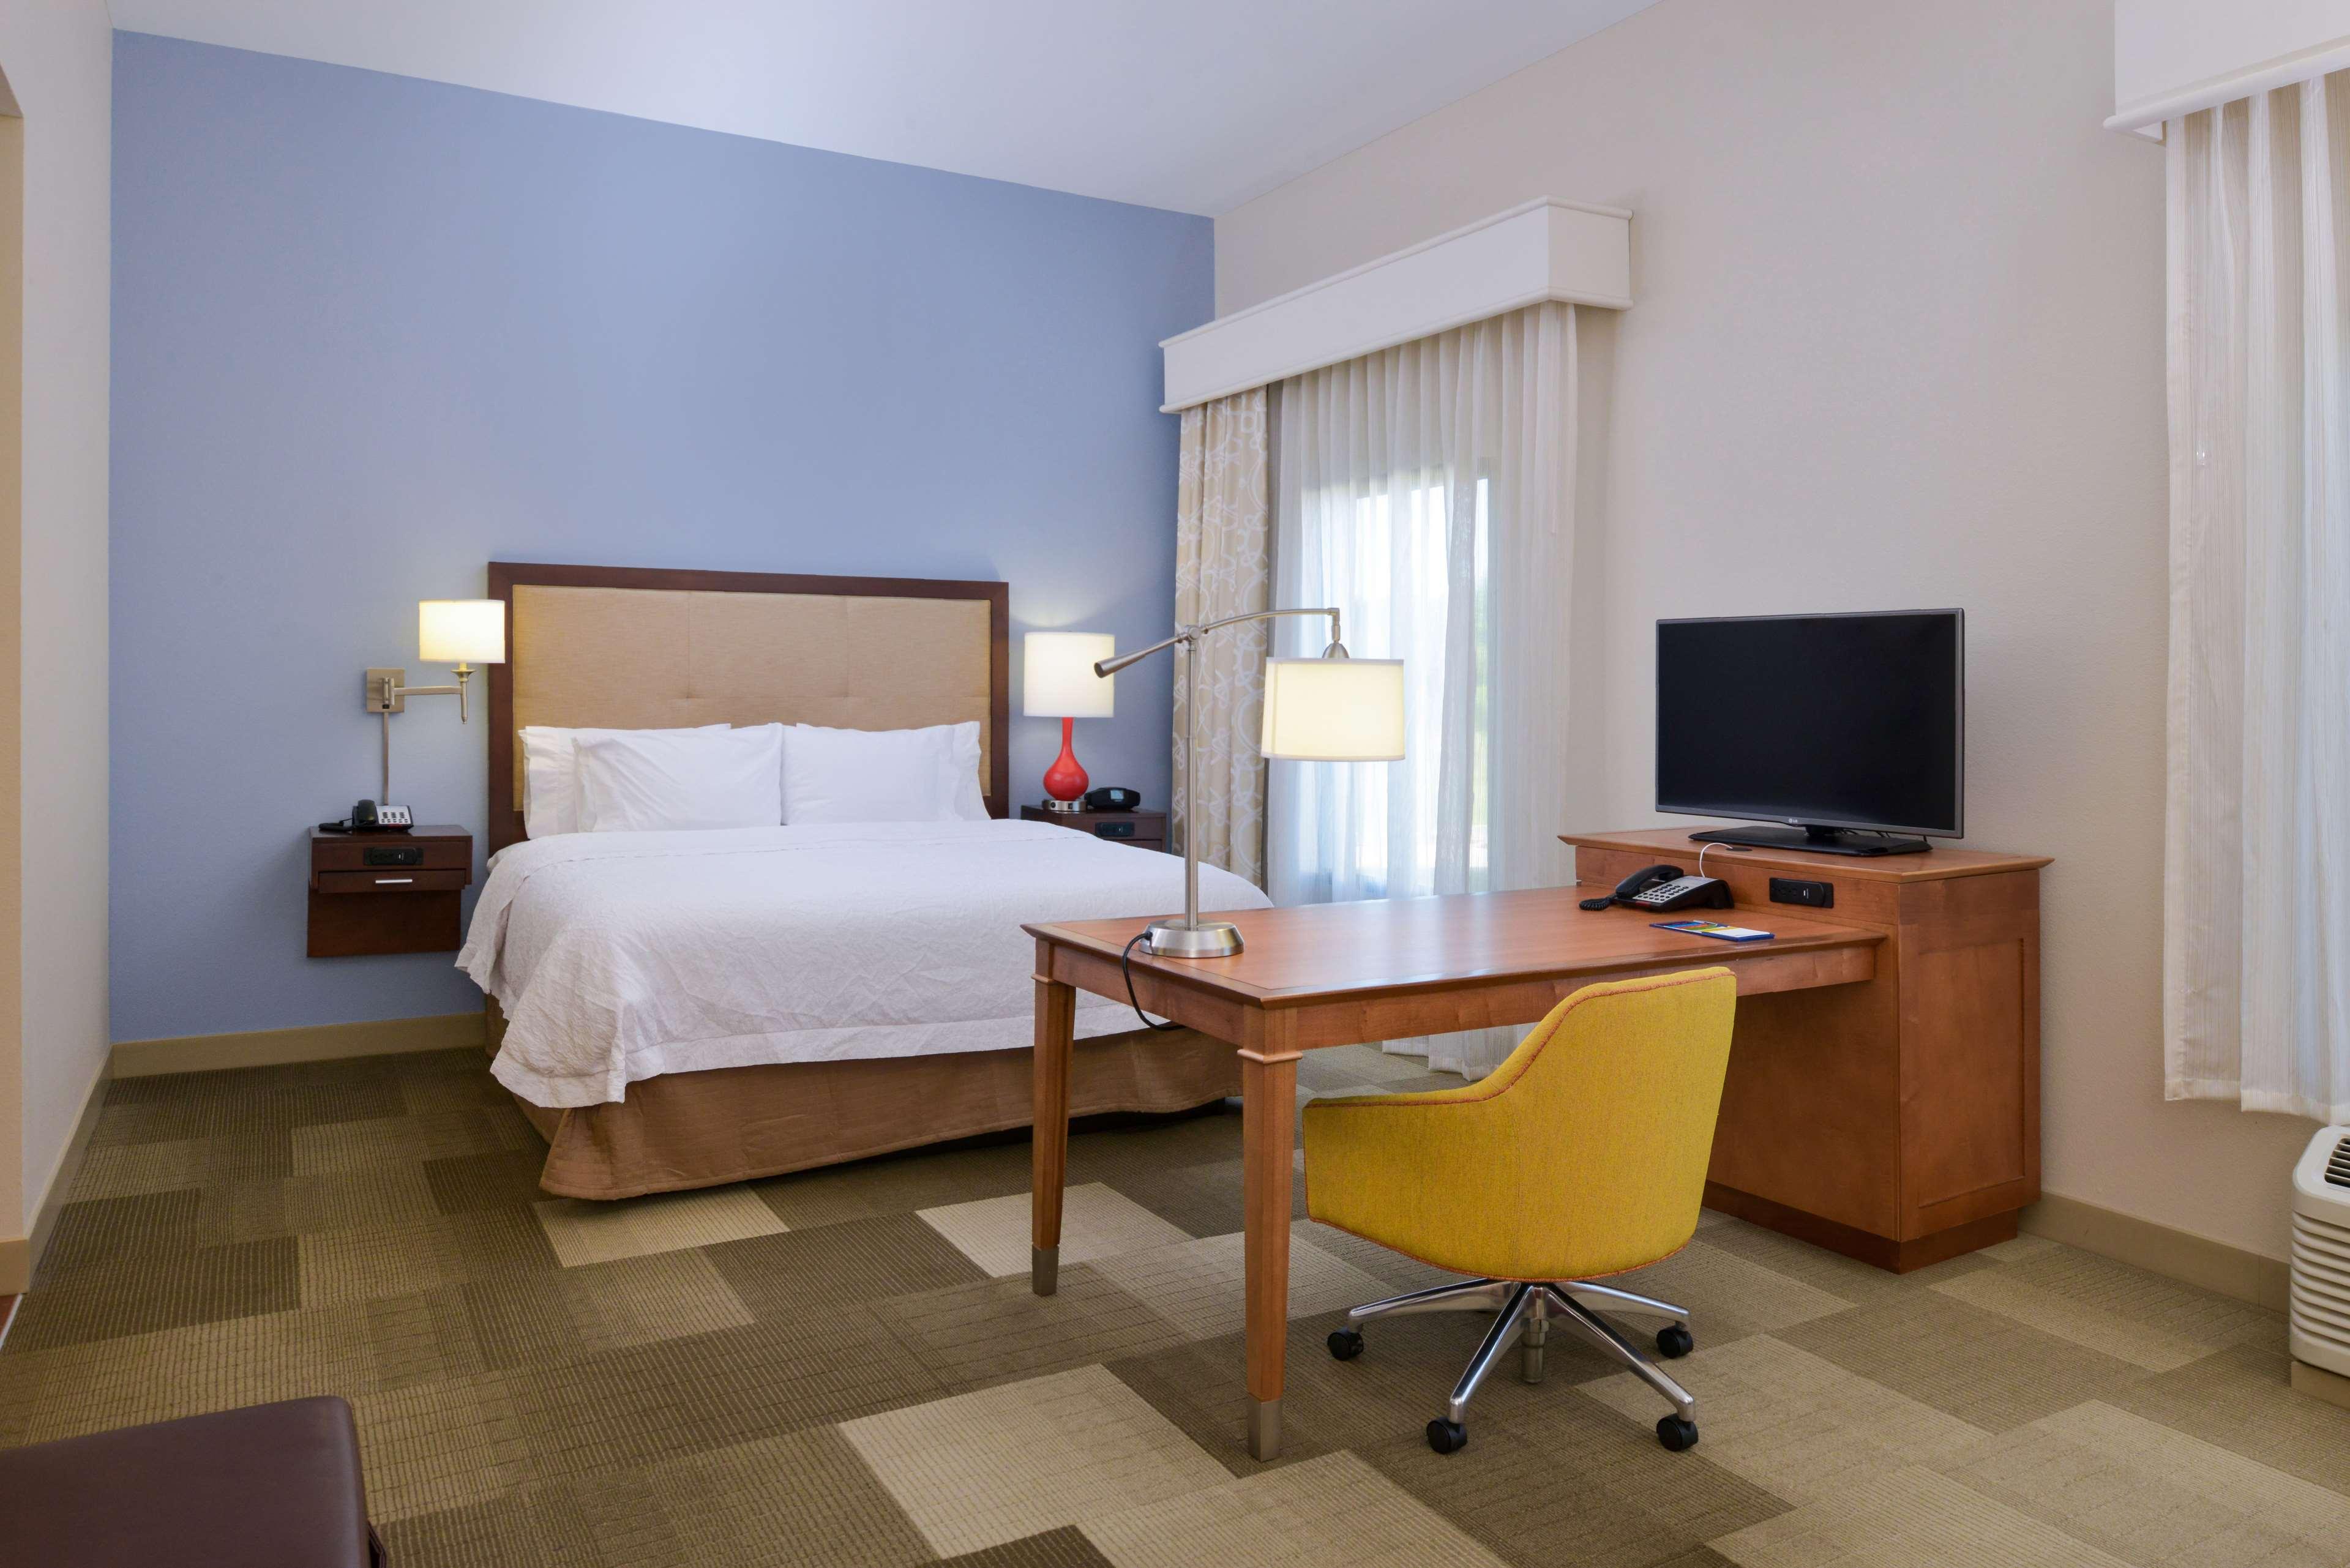 Hampton Inn & Suites Lonoke image 18